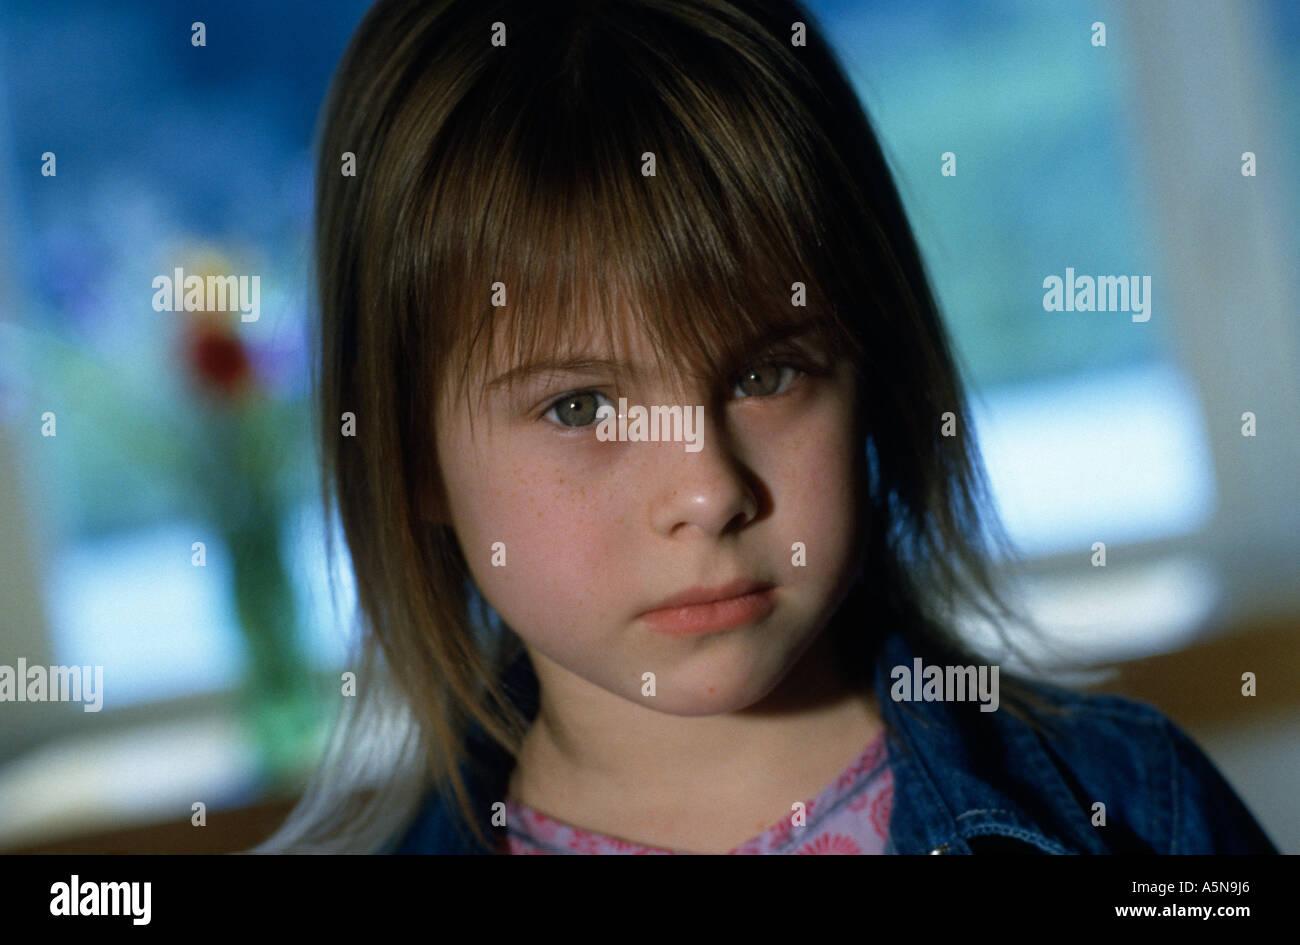 Un bambino di 6 anni ragazza caucasica con capelli castani e gli occhi blu  che indossa un abito rosa e una camicia di jean pone 2002 13dcc3bc00a8